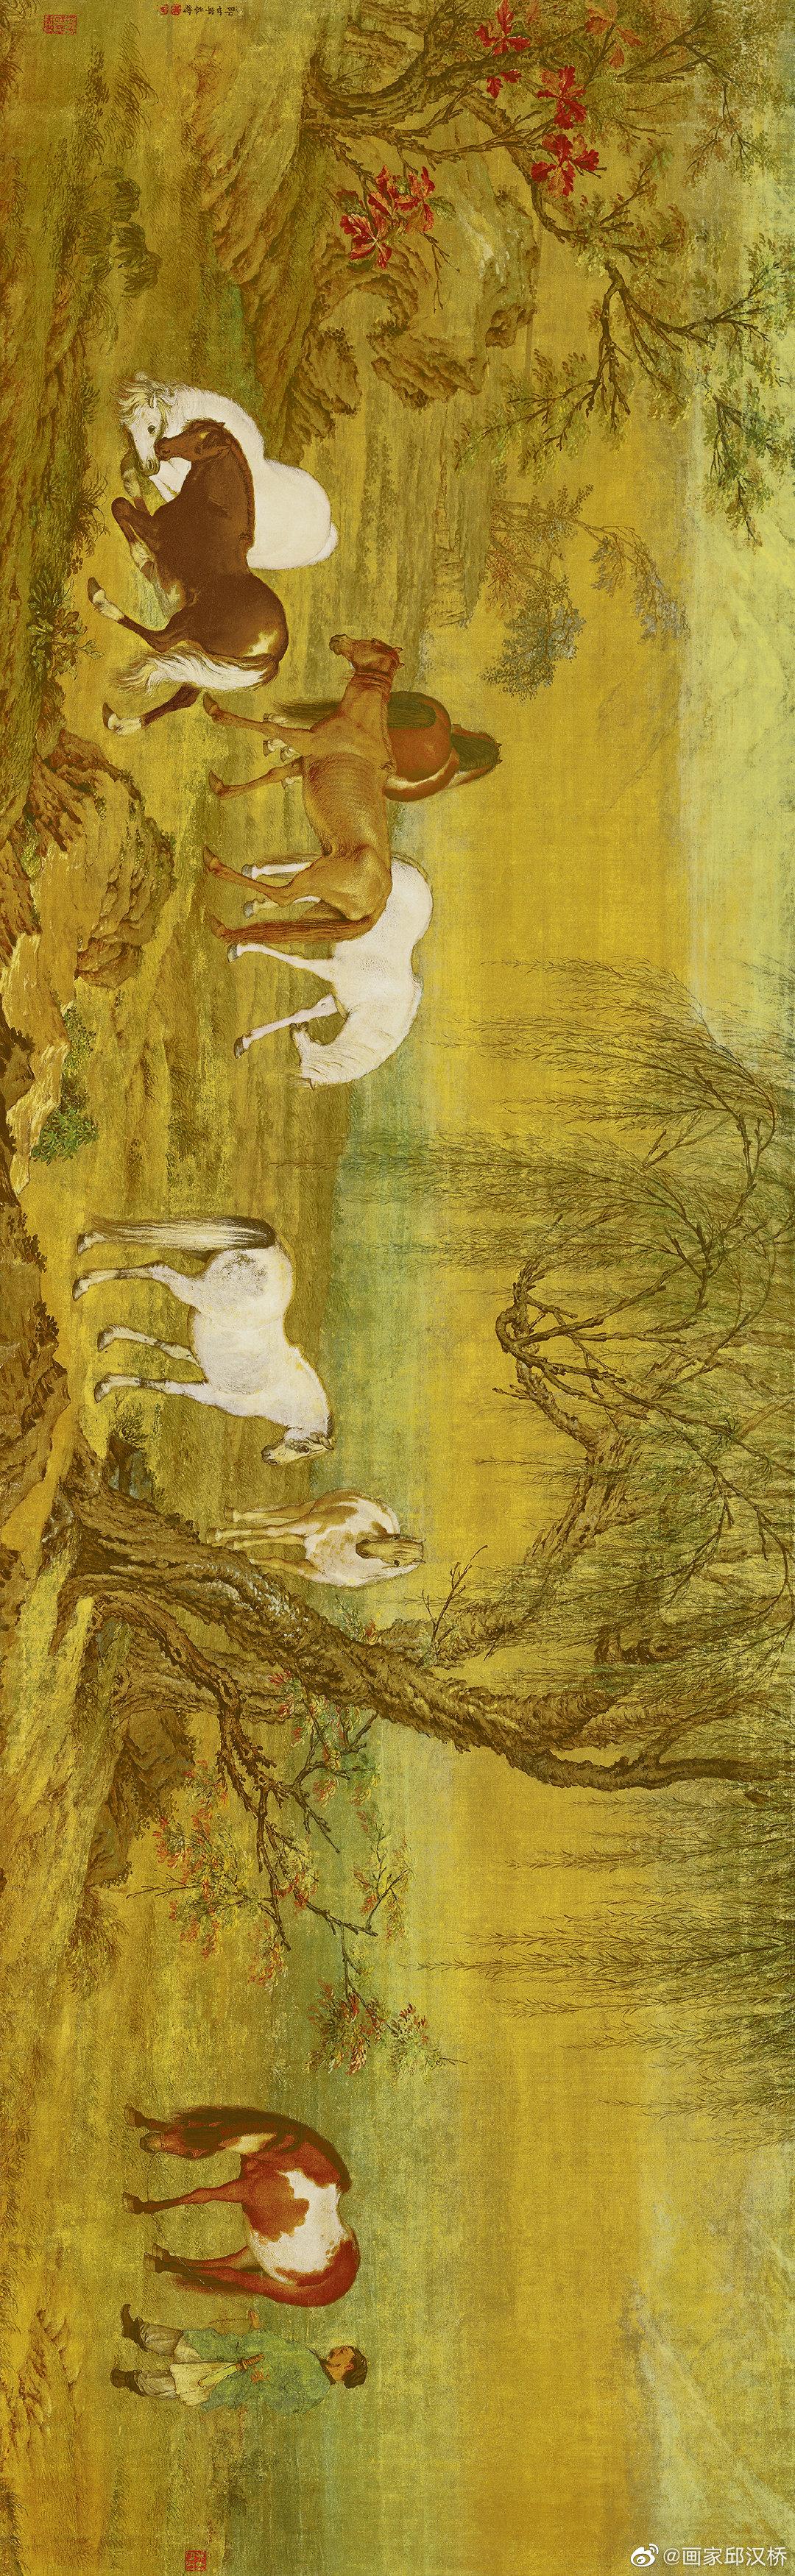 《郊原牧马图》,清代,郎世宁,绢本设色,纵51.2cm,横166cm